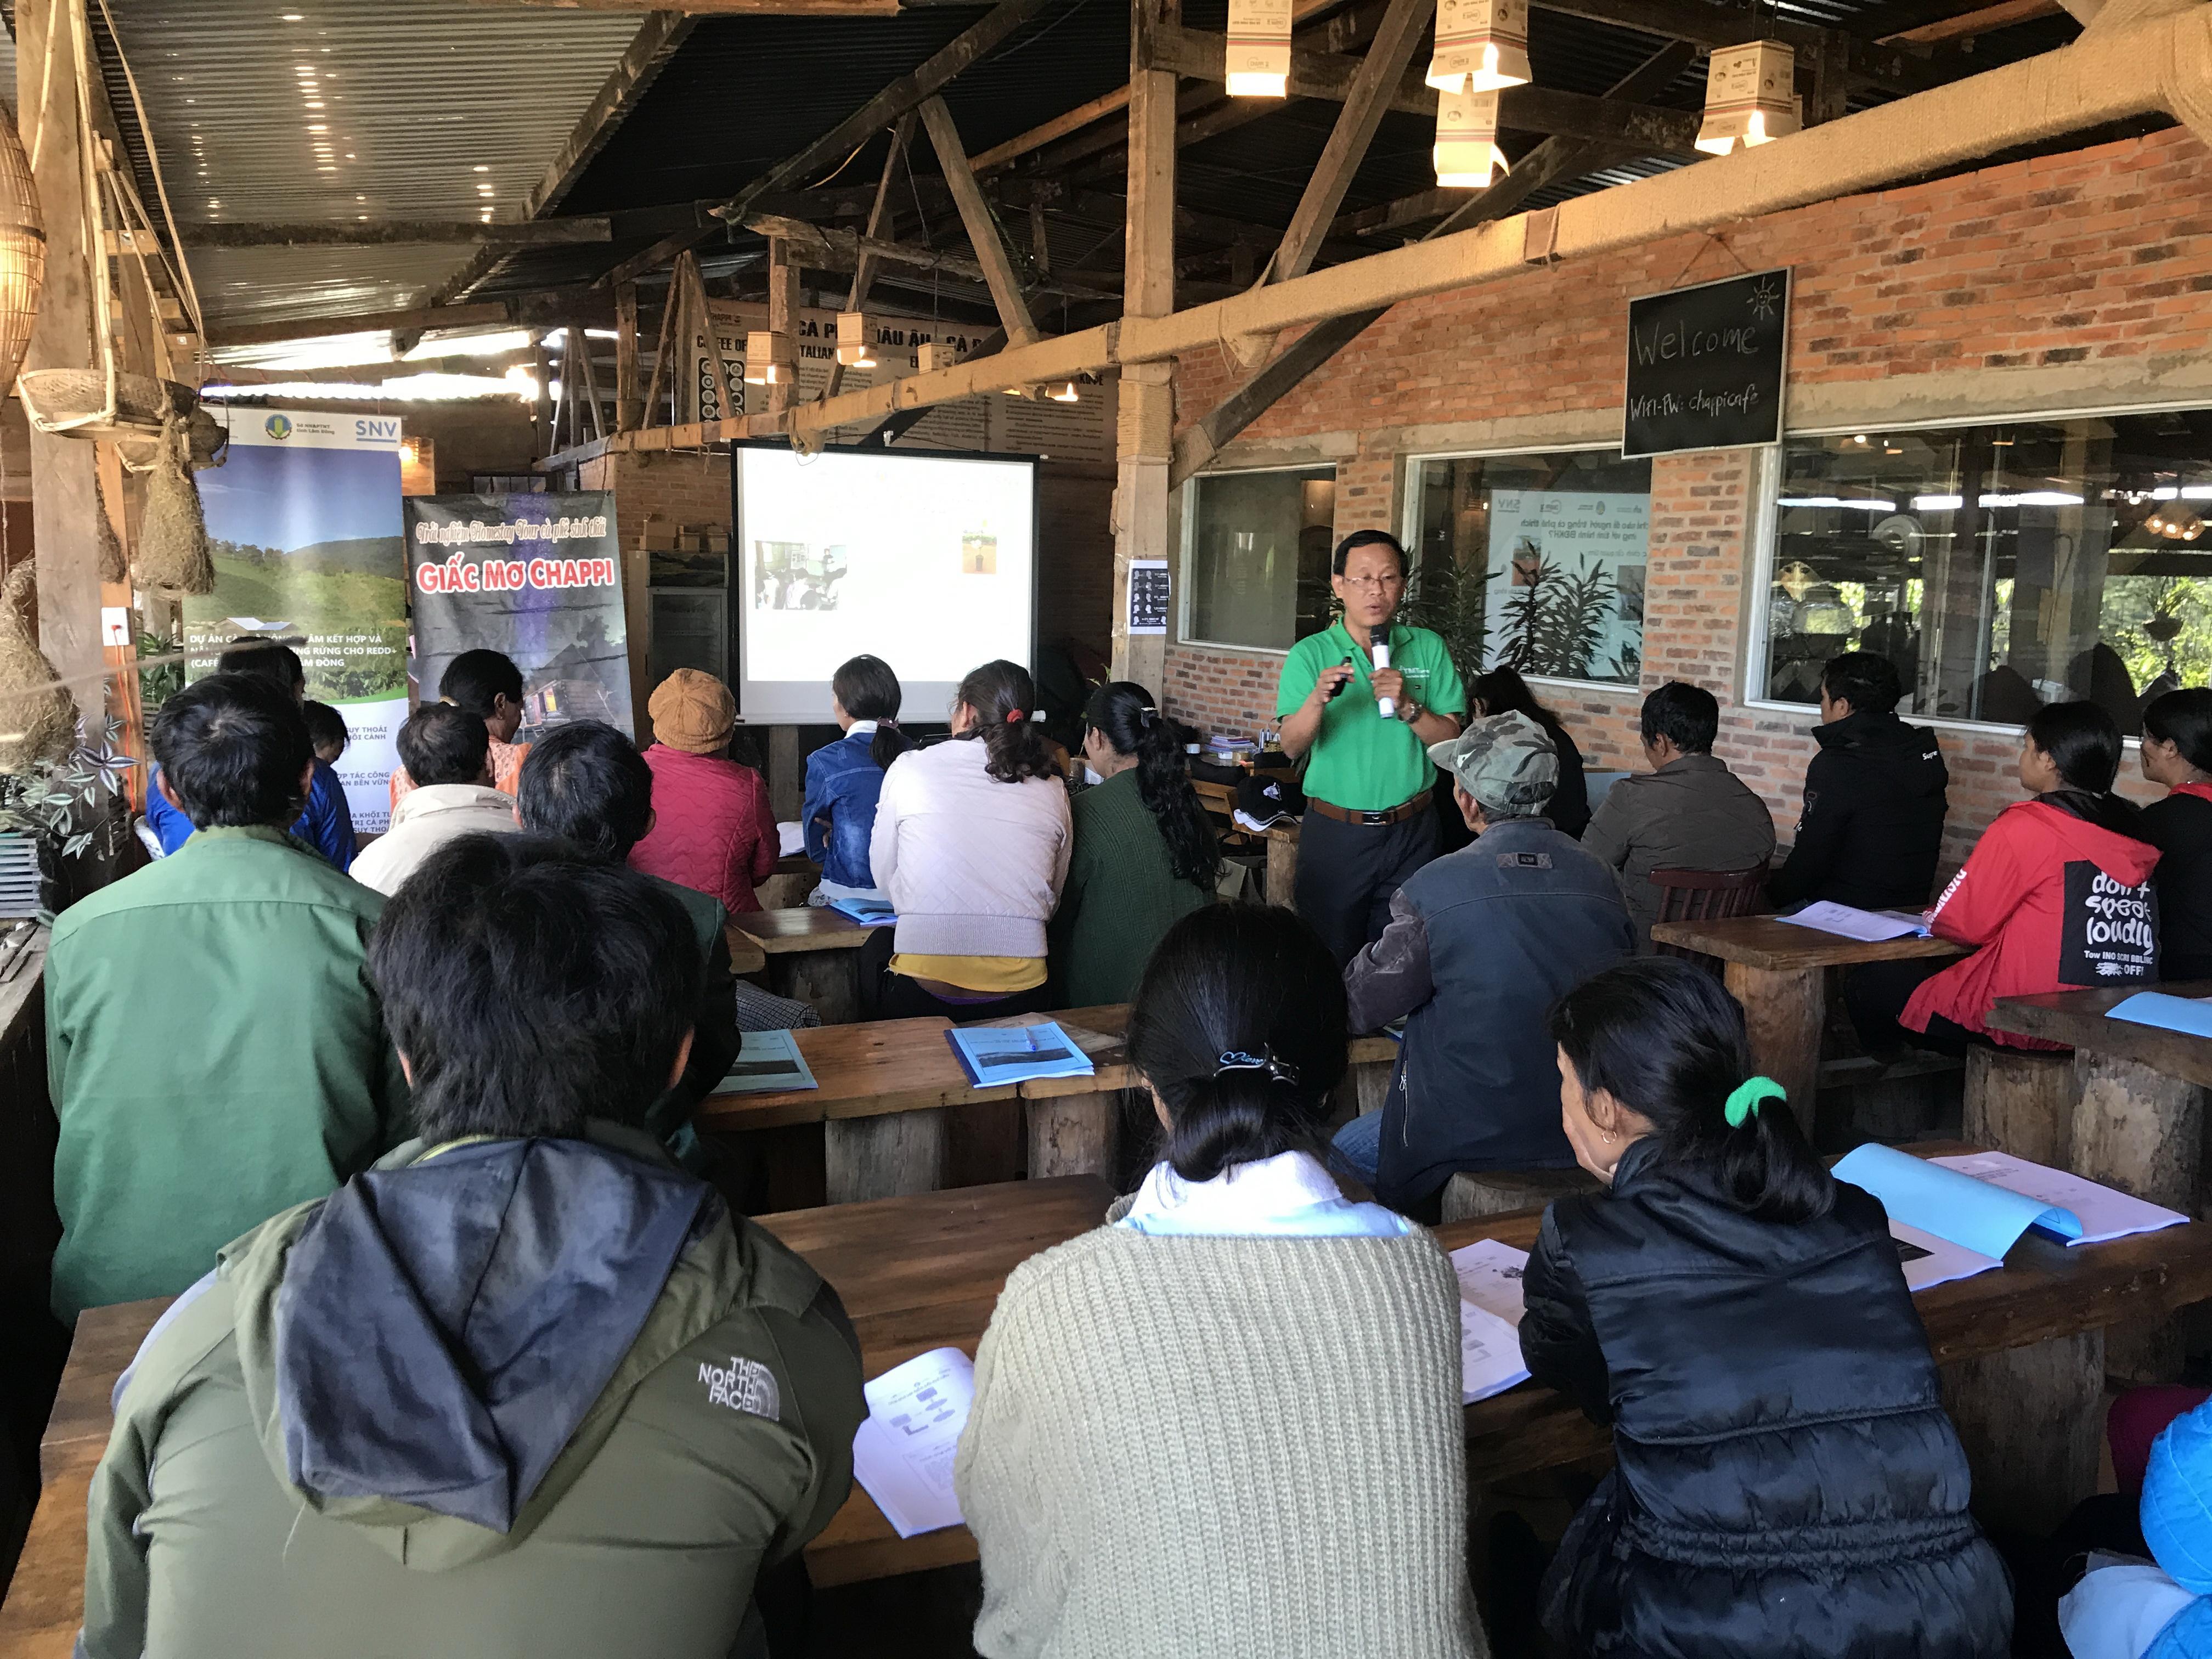 Cán bộ kỹ thuật tập huấn cho xã viên Hợp tác xã Cà phê Arabica Chappi Lạc Dương